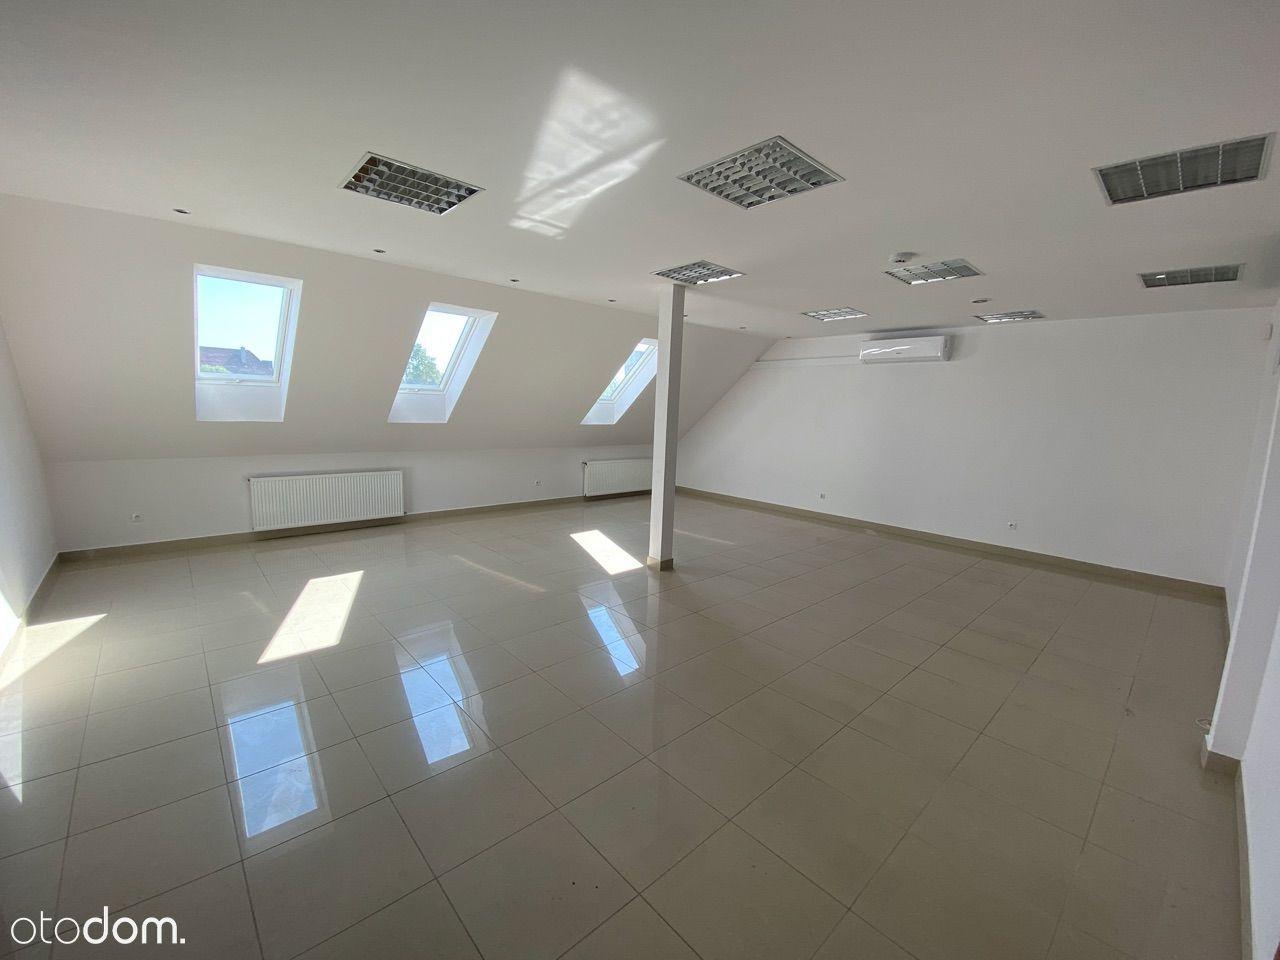 Lokal użytkowy 110m2, Ip, klima, światłowód